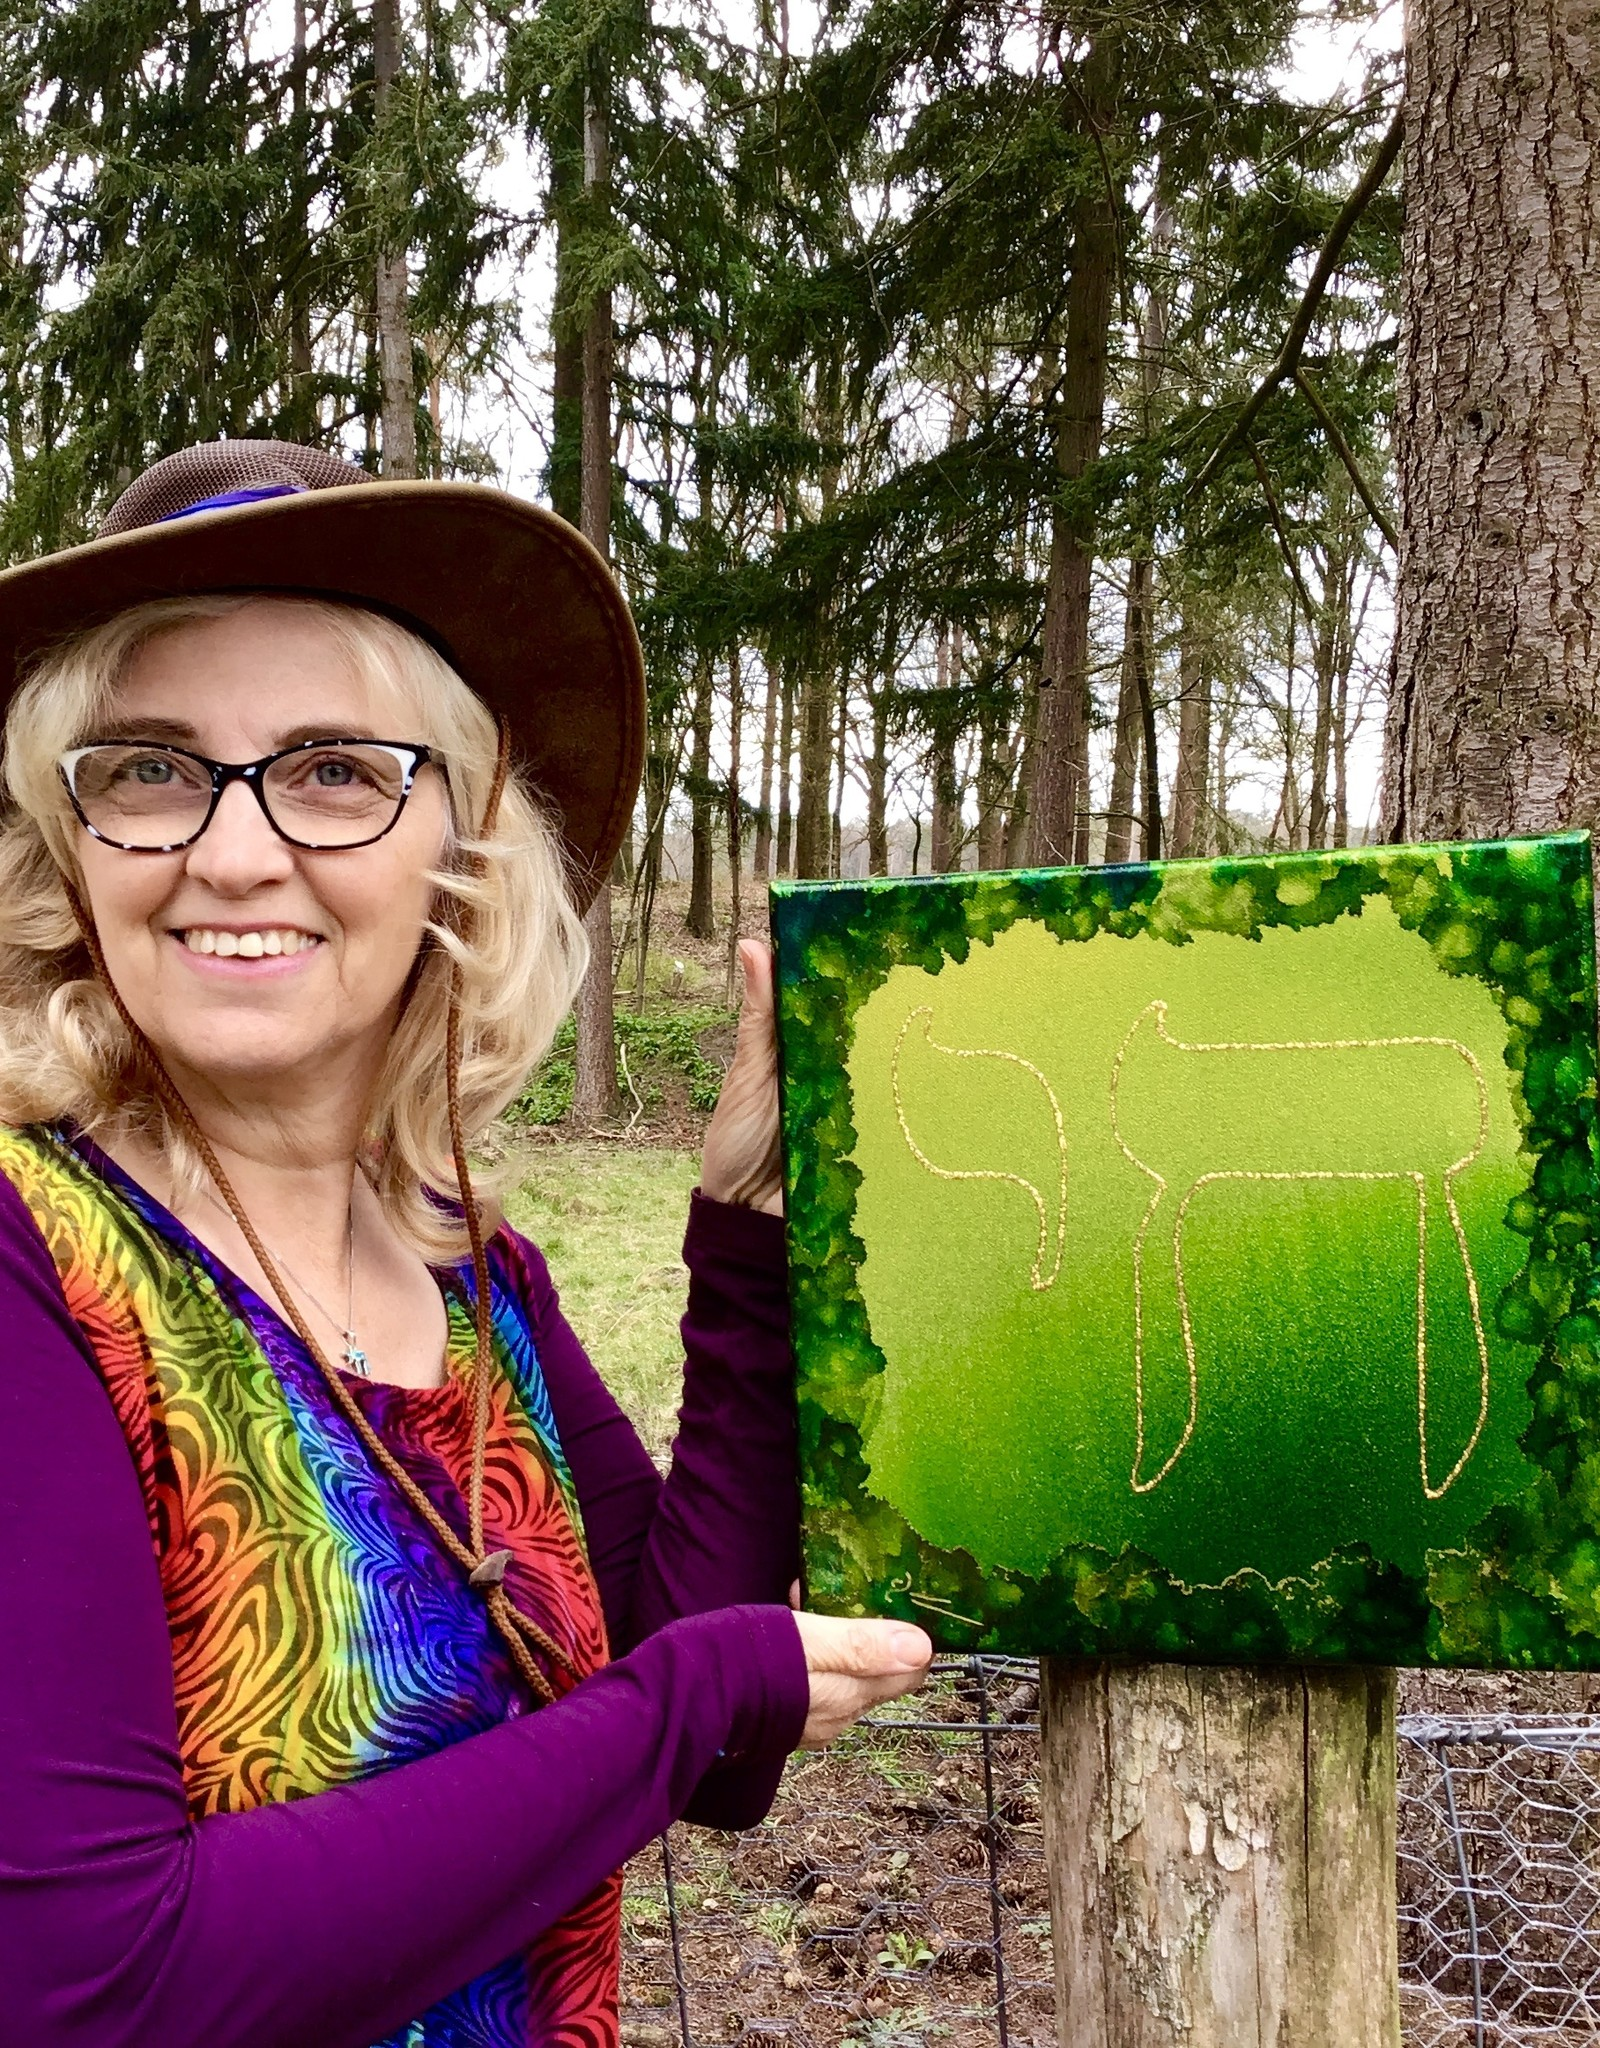 Chaipainter Chai schilderij in bos groen 30 bij 30 cm